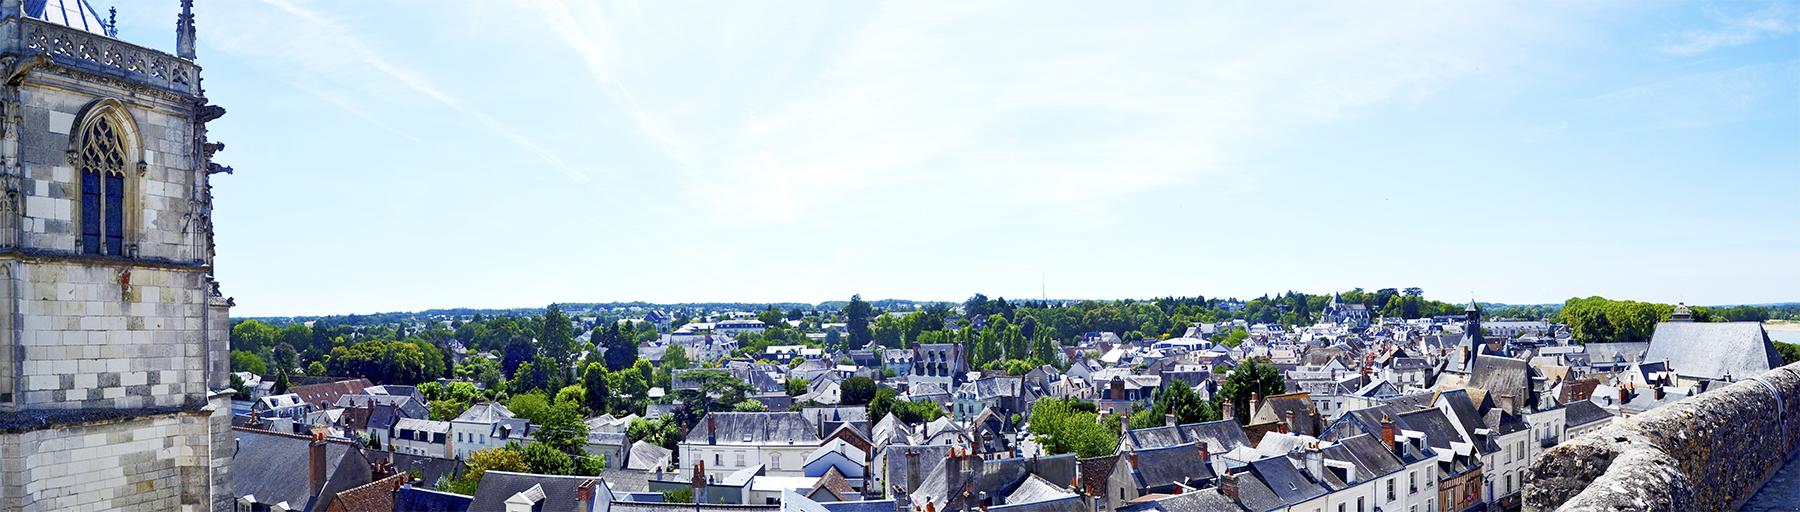 Panorámica desde castillo ciudad Amboise Valle Loira Francia